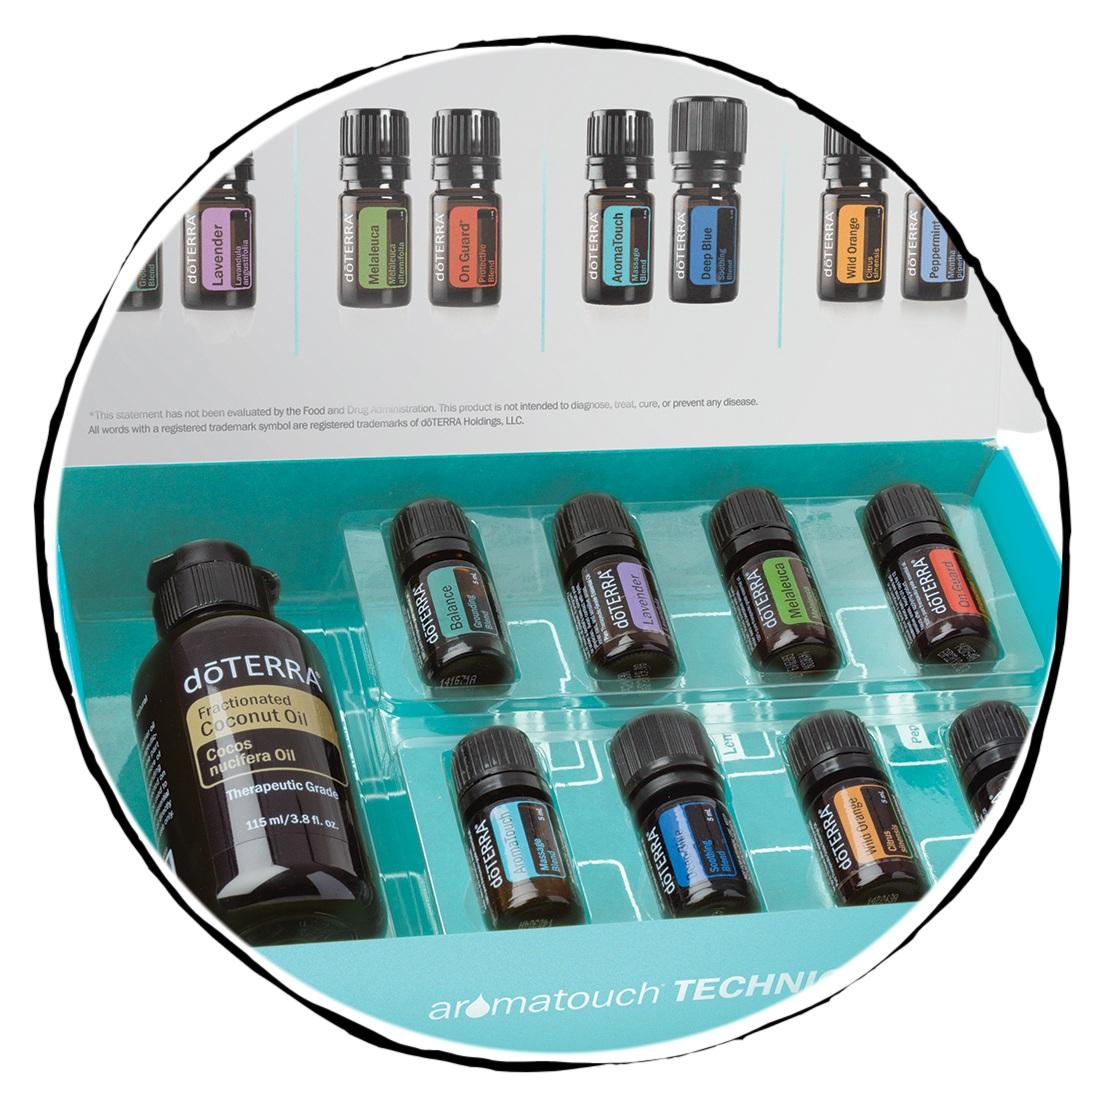 aromatouch-kit.jpg